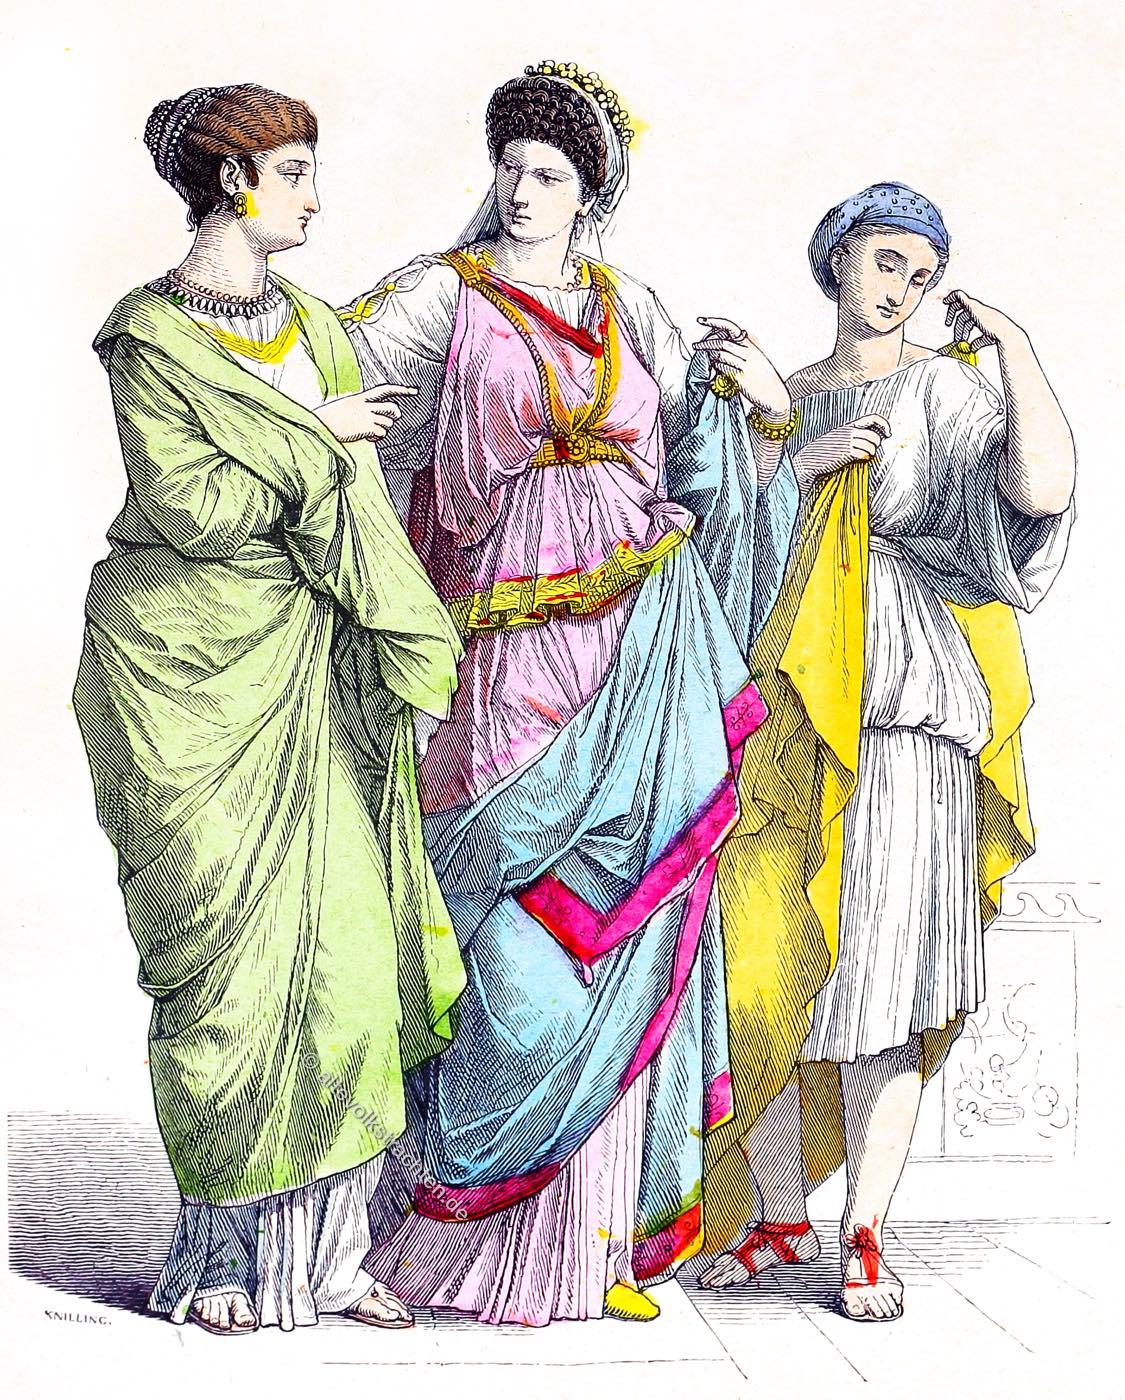 Römerinnen, Sklavin, Rom, Bekleidung, Kleidung, Kostüme, Antike,